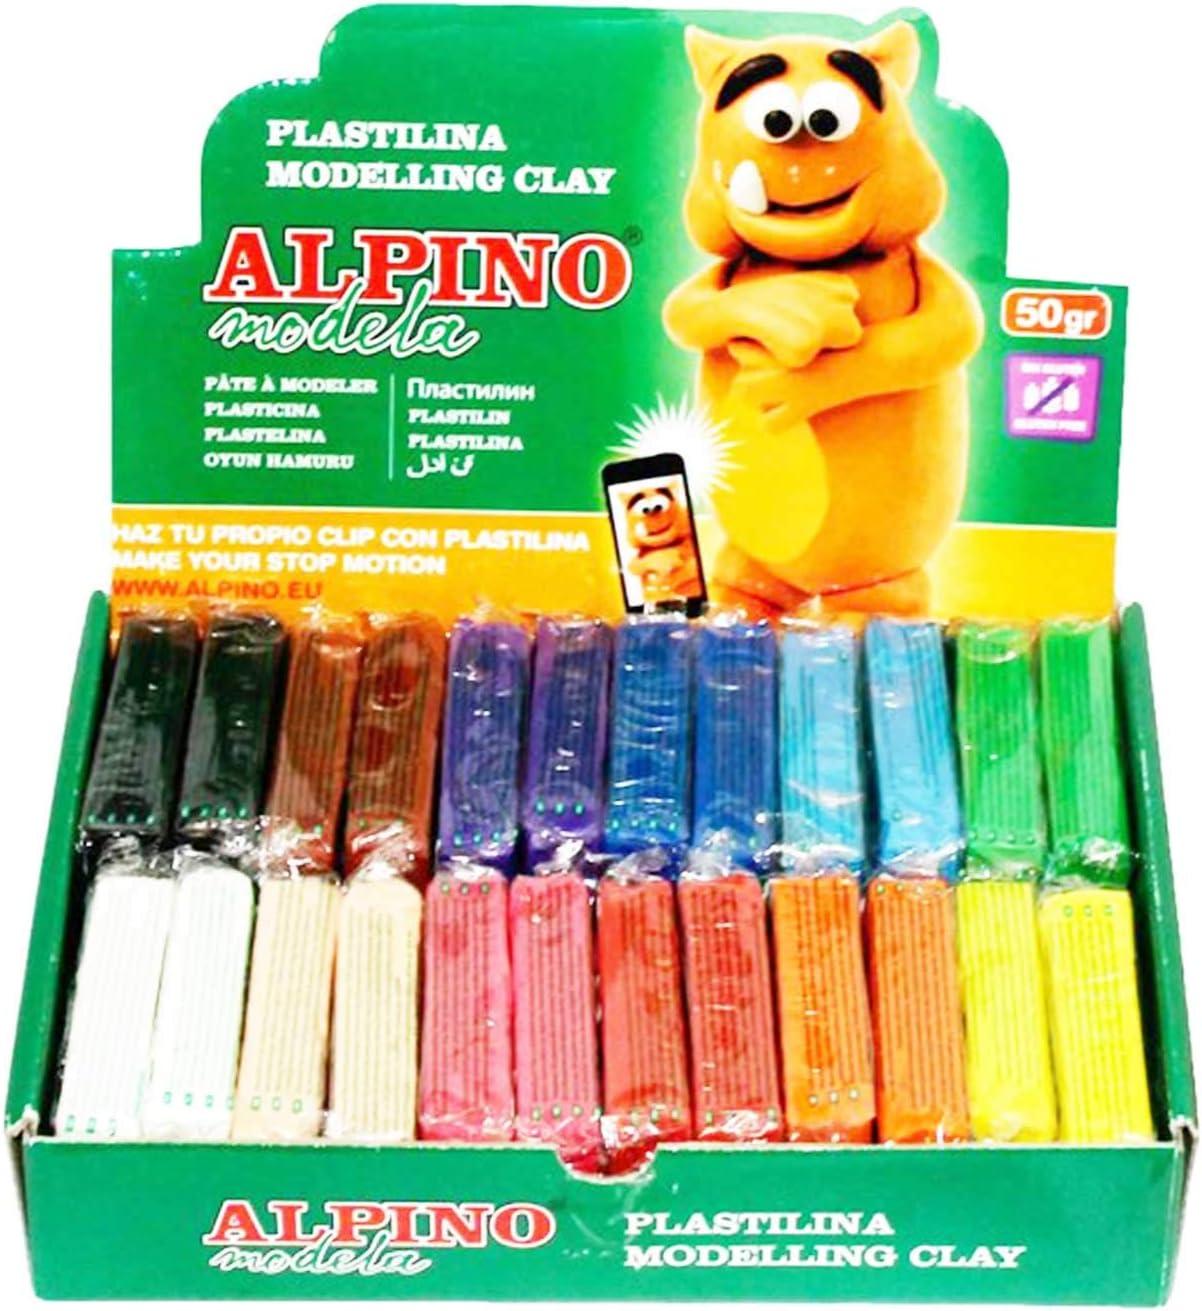 Pack de 24 plastilinas de 50 gramos: Amazon.es: Electrónica